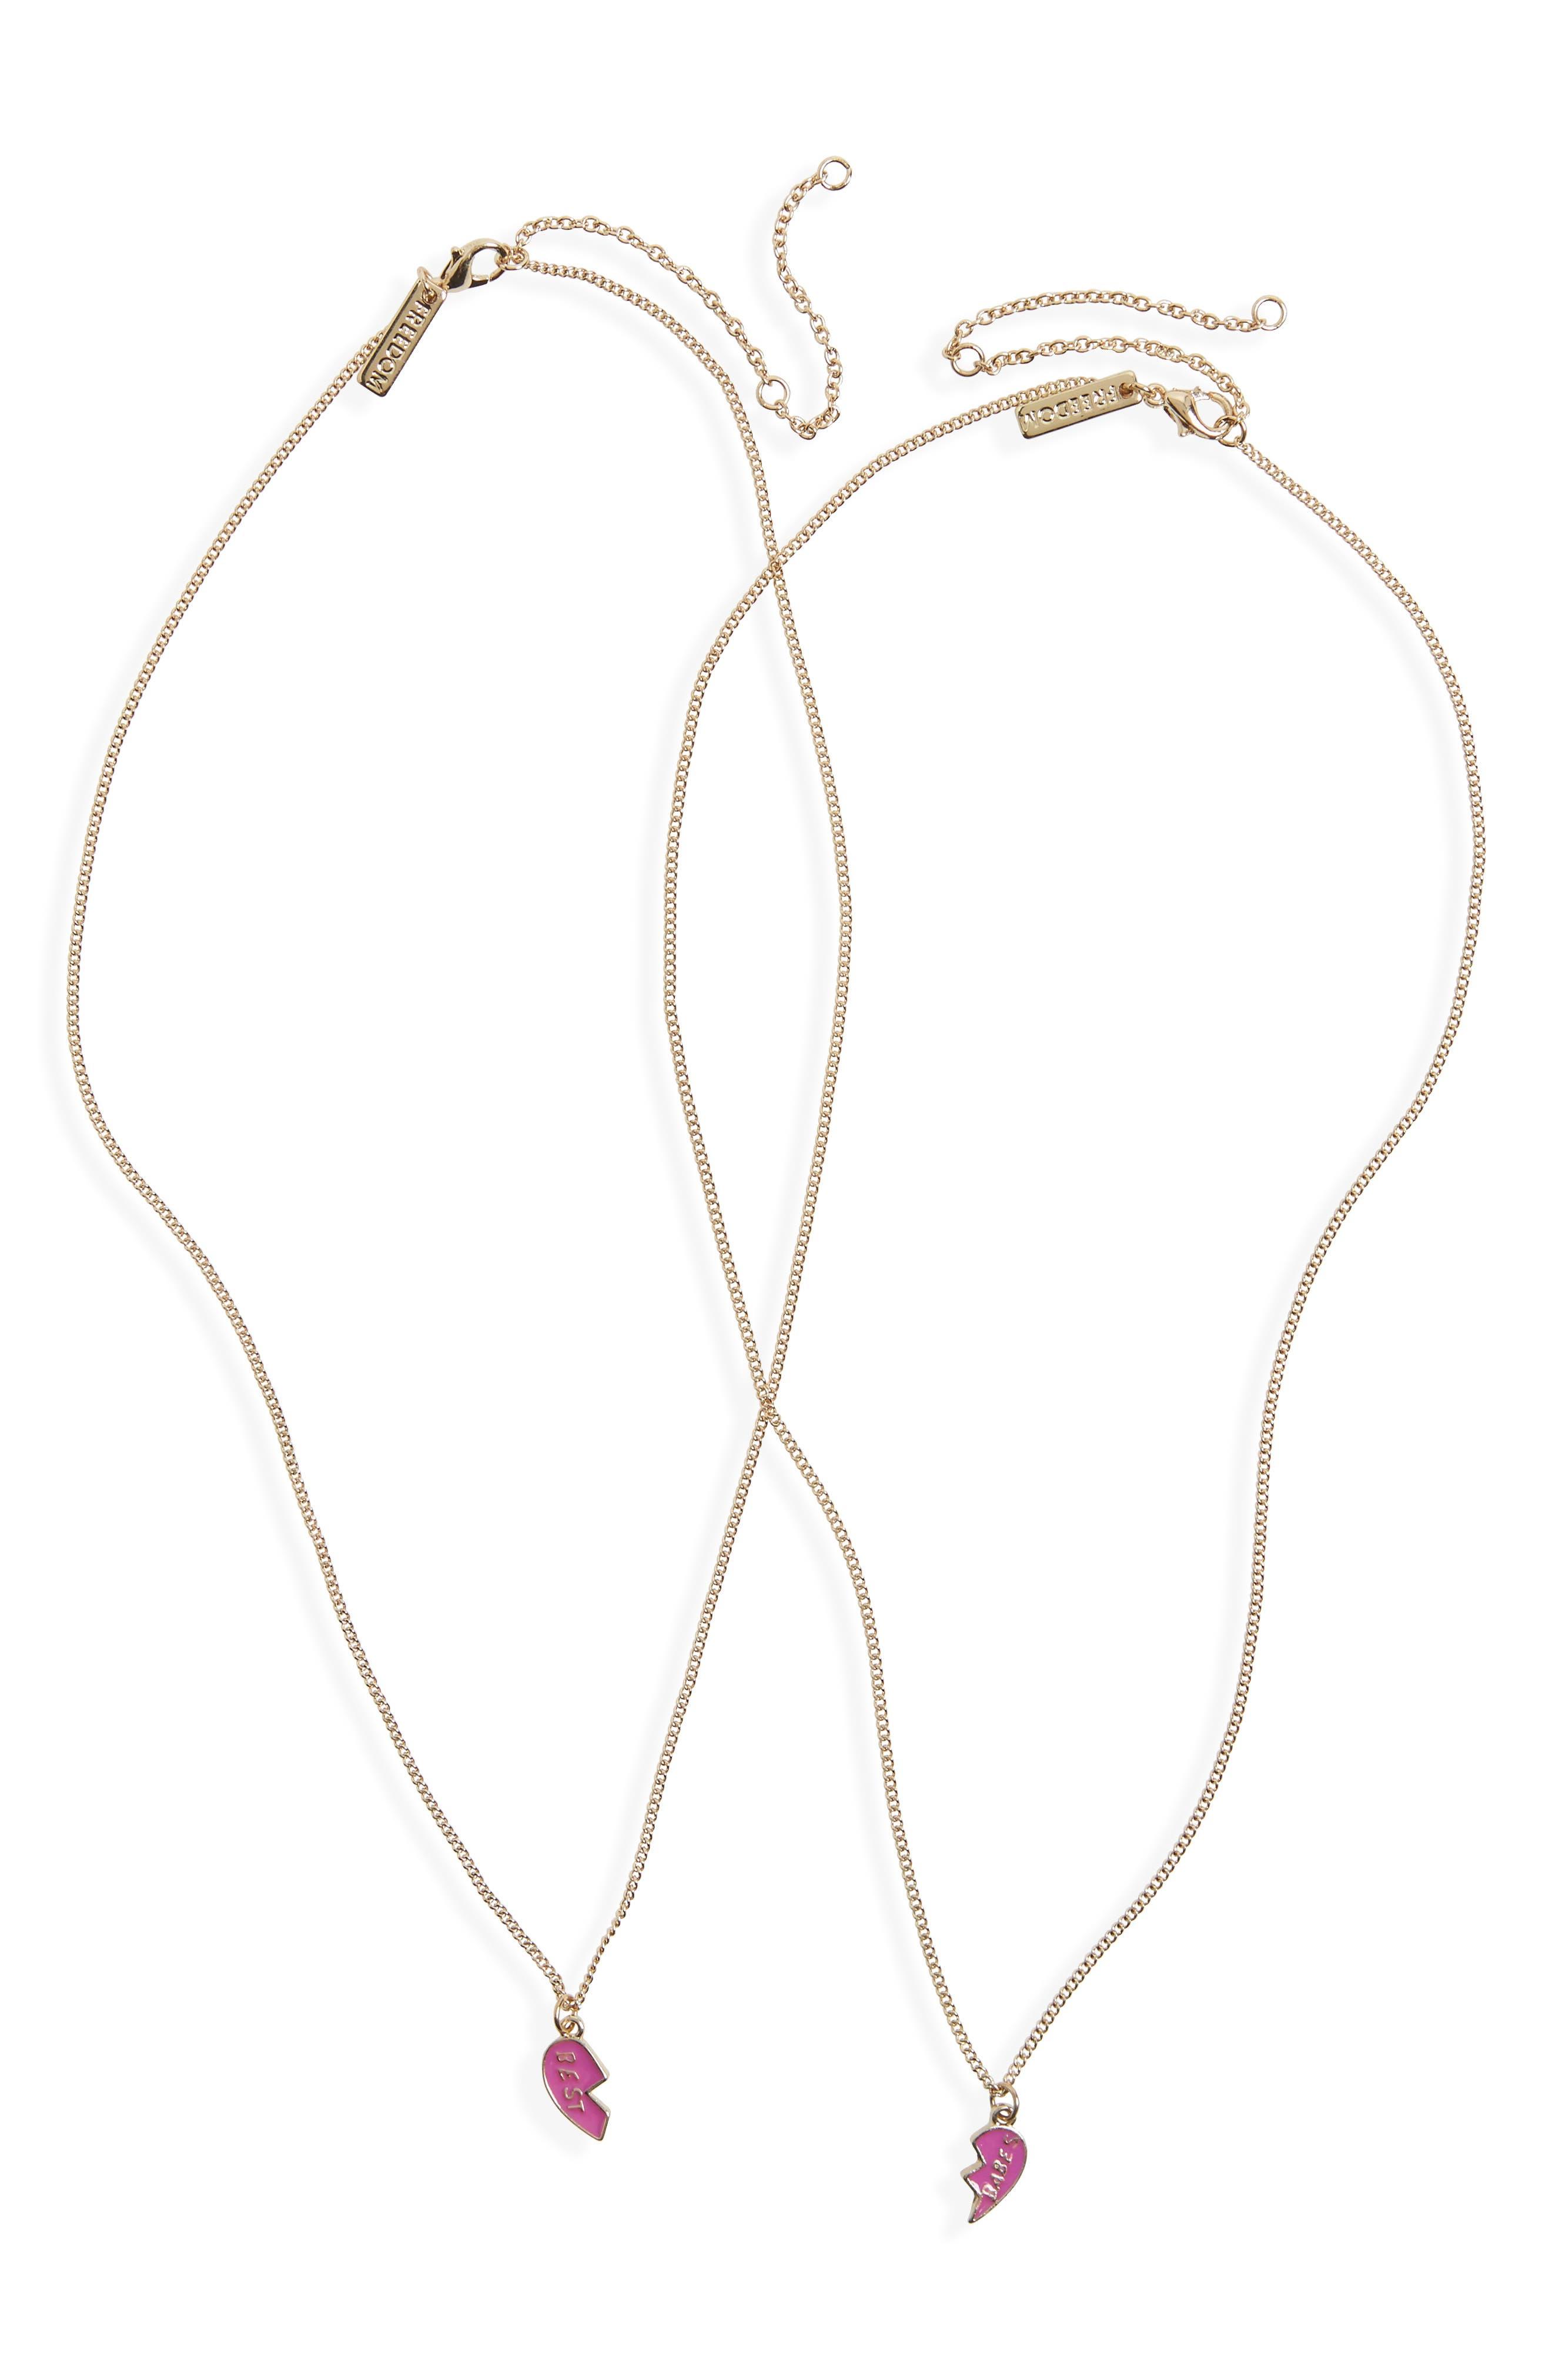 Best Babes Broken Heart Pendant Necklace Set,                             Main thumbnail 1, color,                             Gold